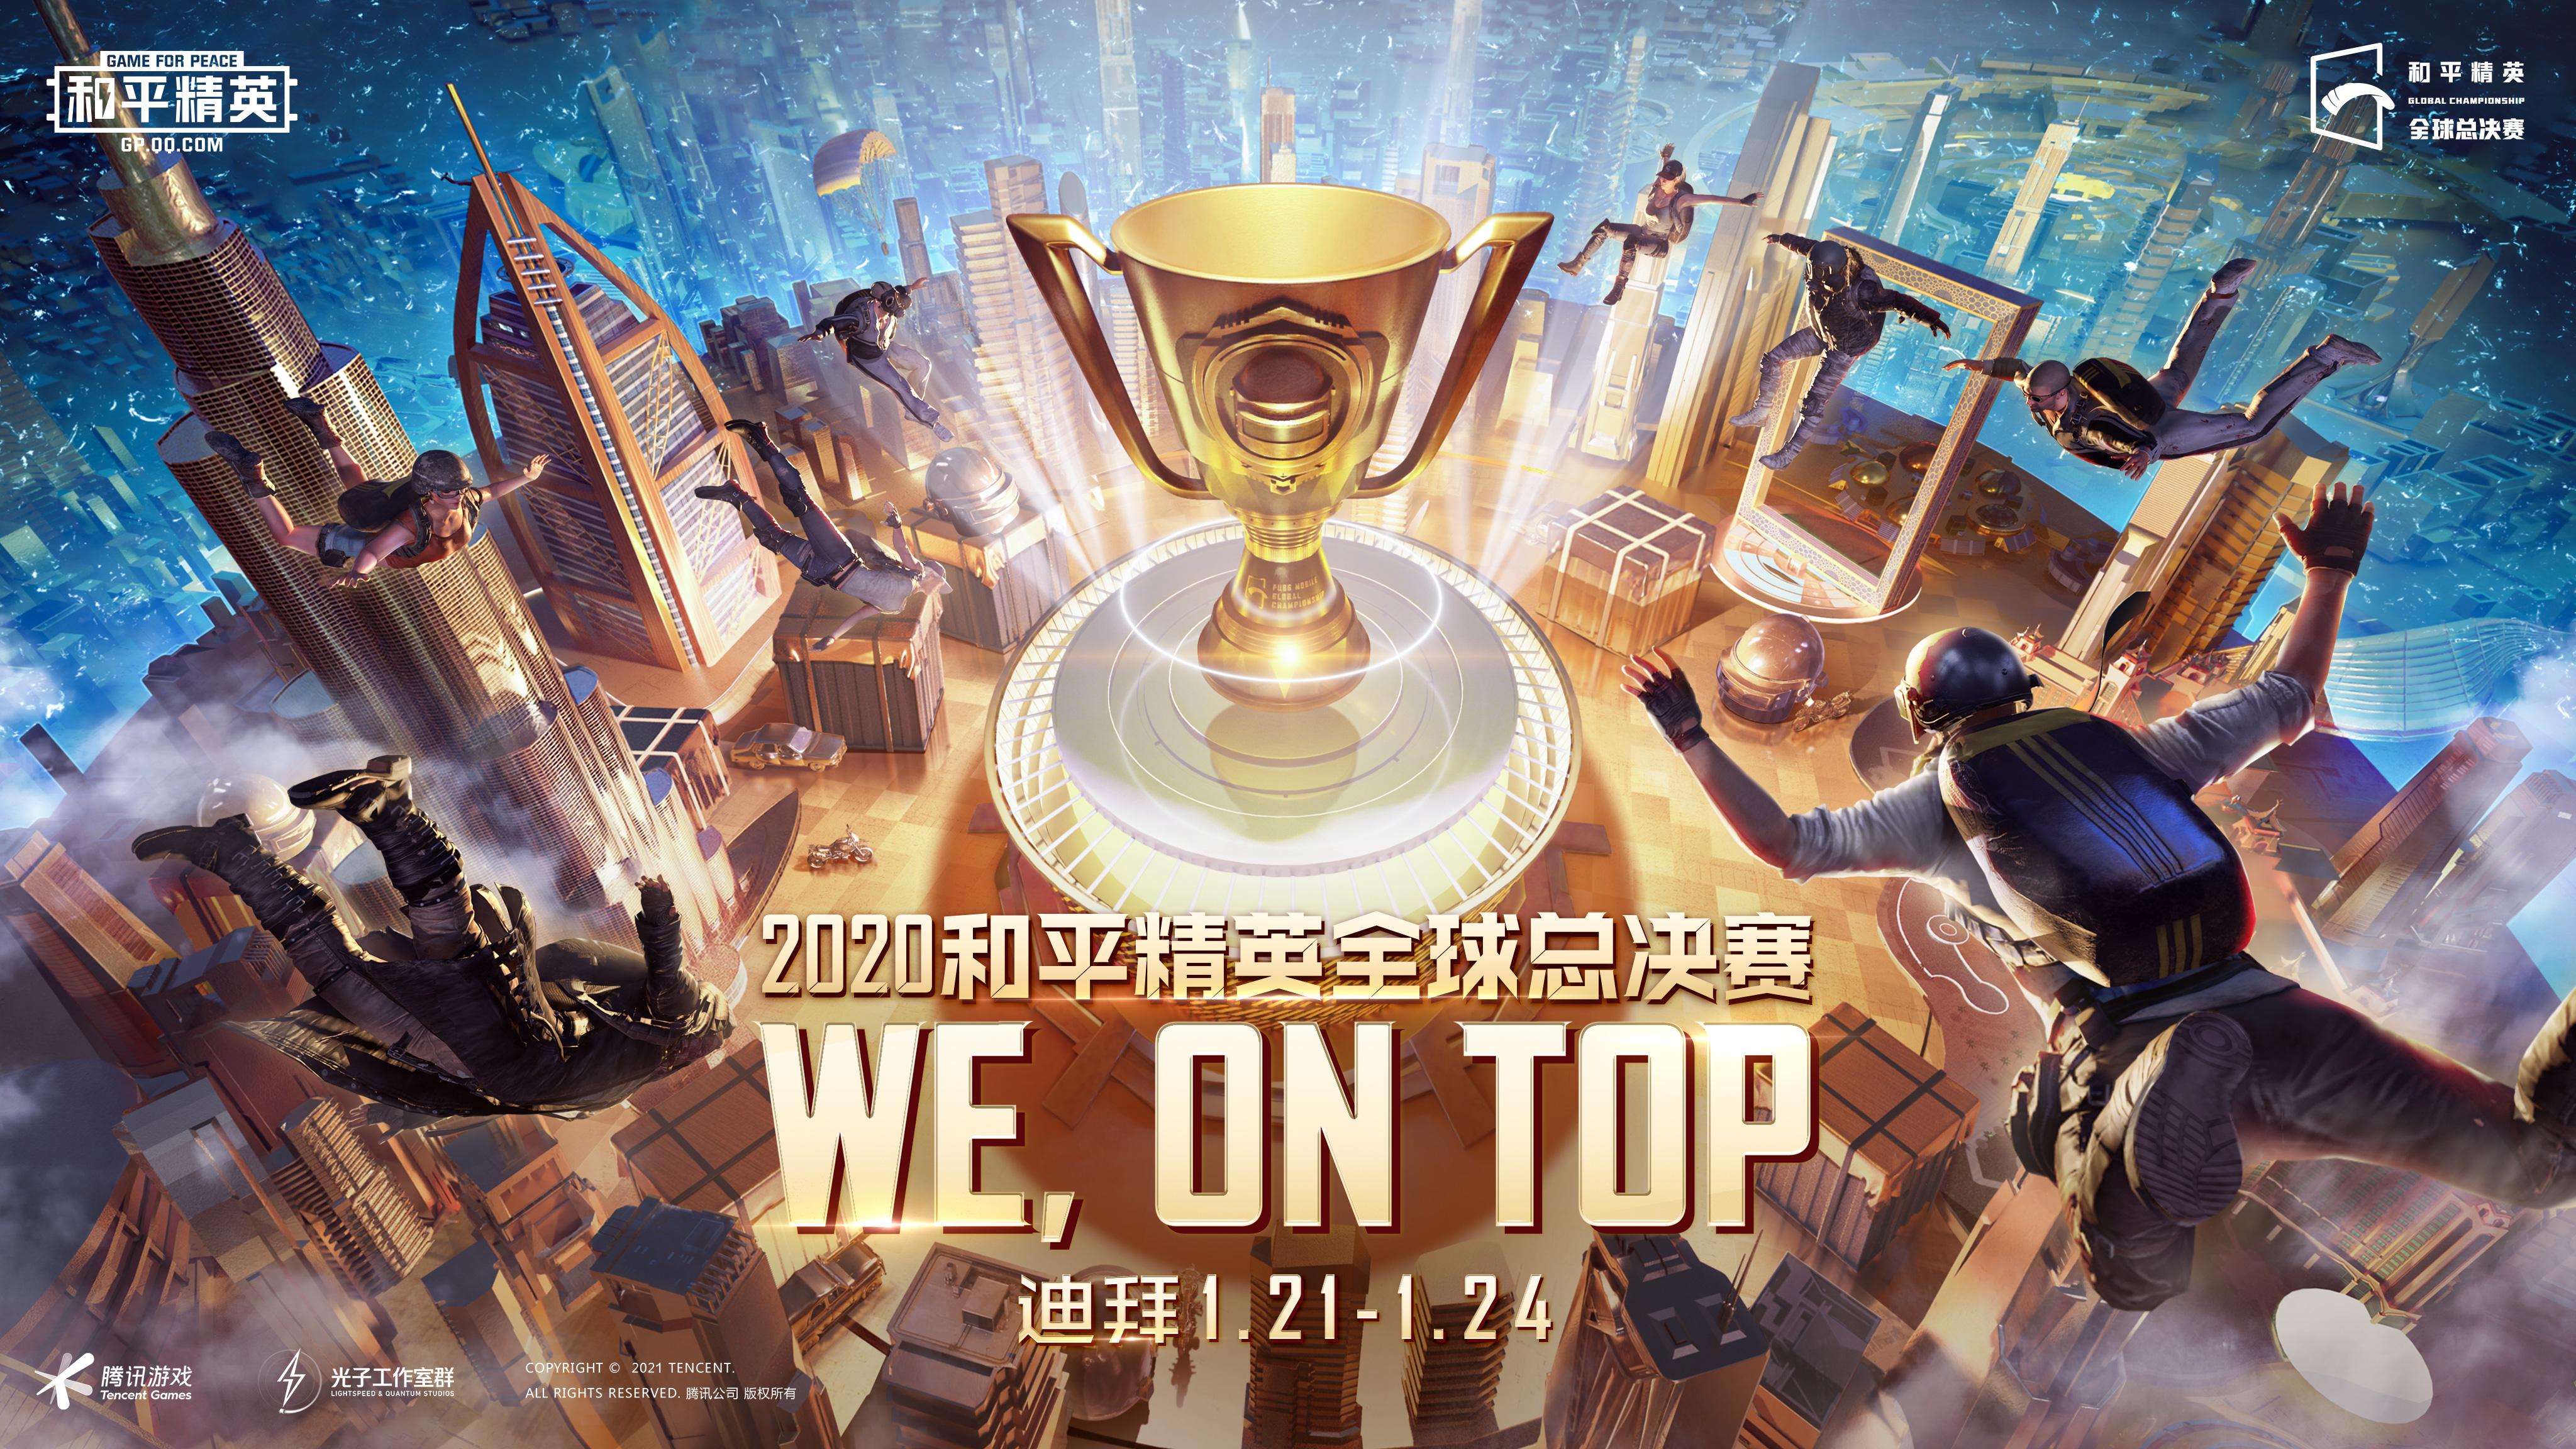 PEL双雄征战和平精英全球总决赛,1月21日见证全球巅峰对决!